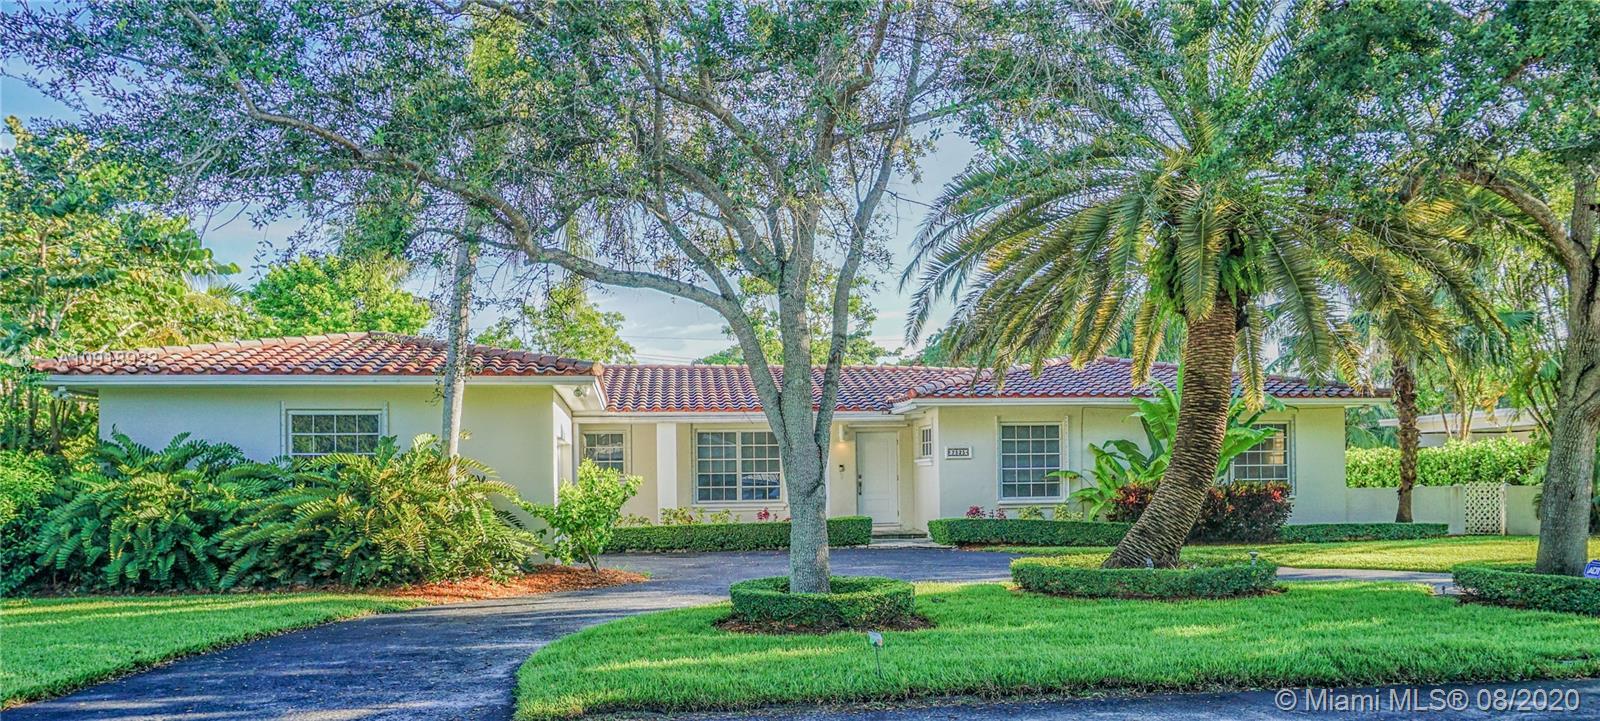 South Miami - 7525 SW 61st St, Miami, FL 33143